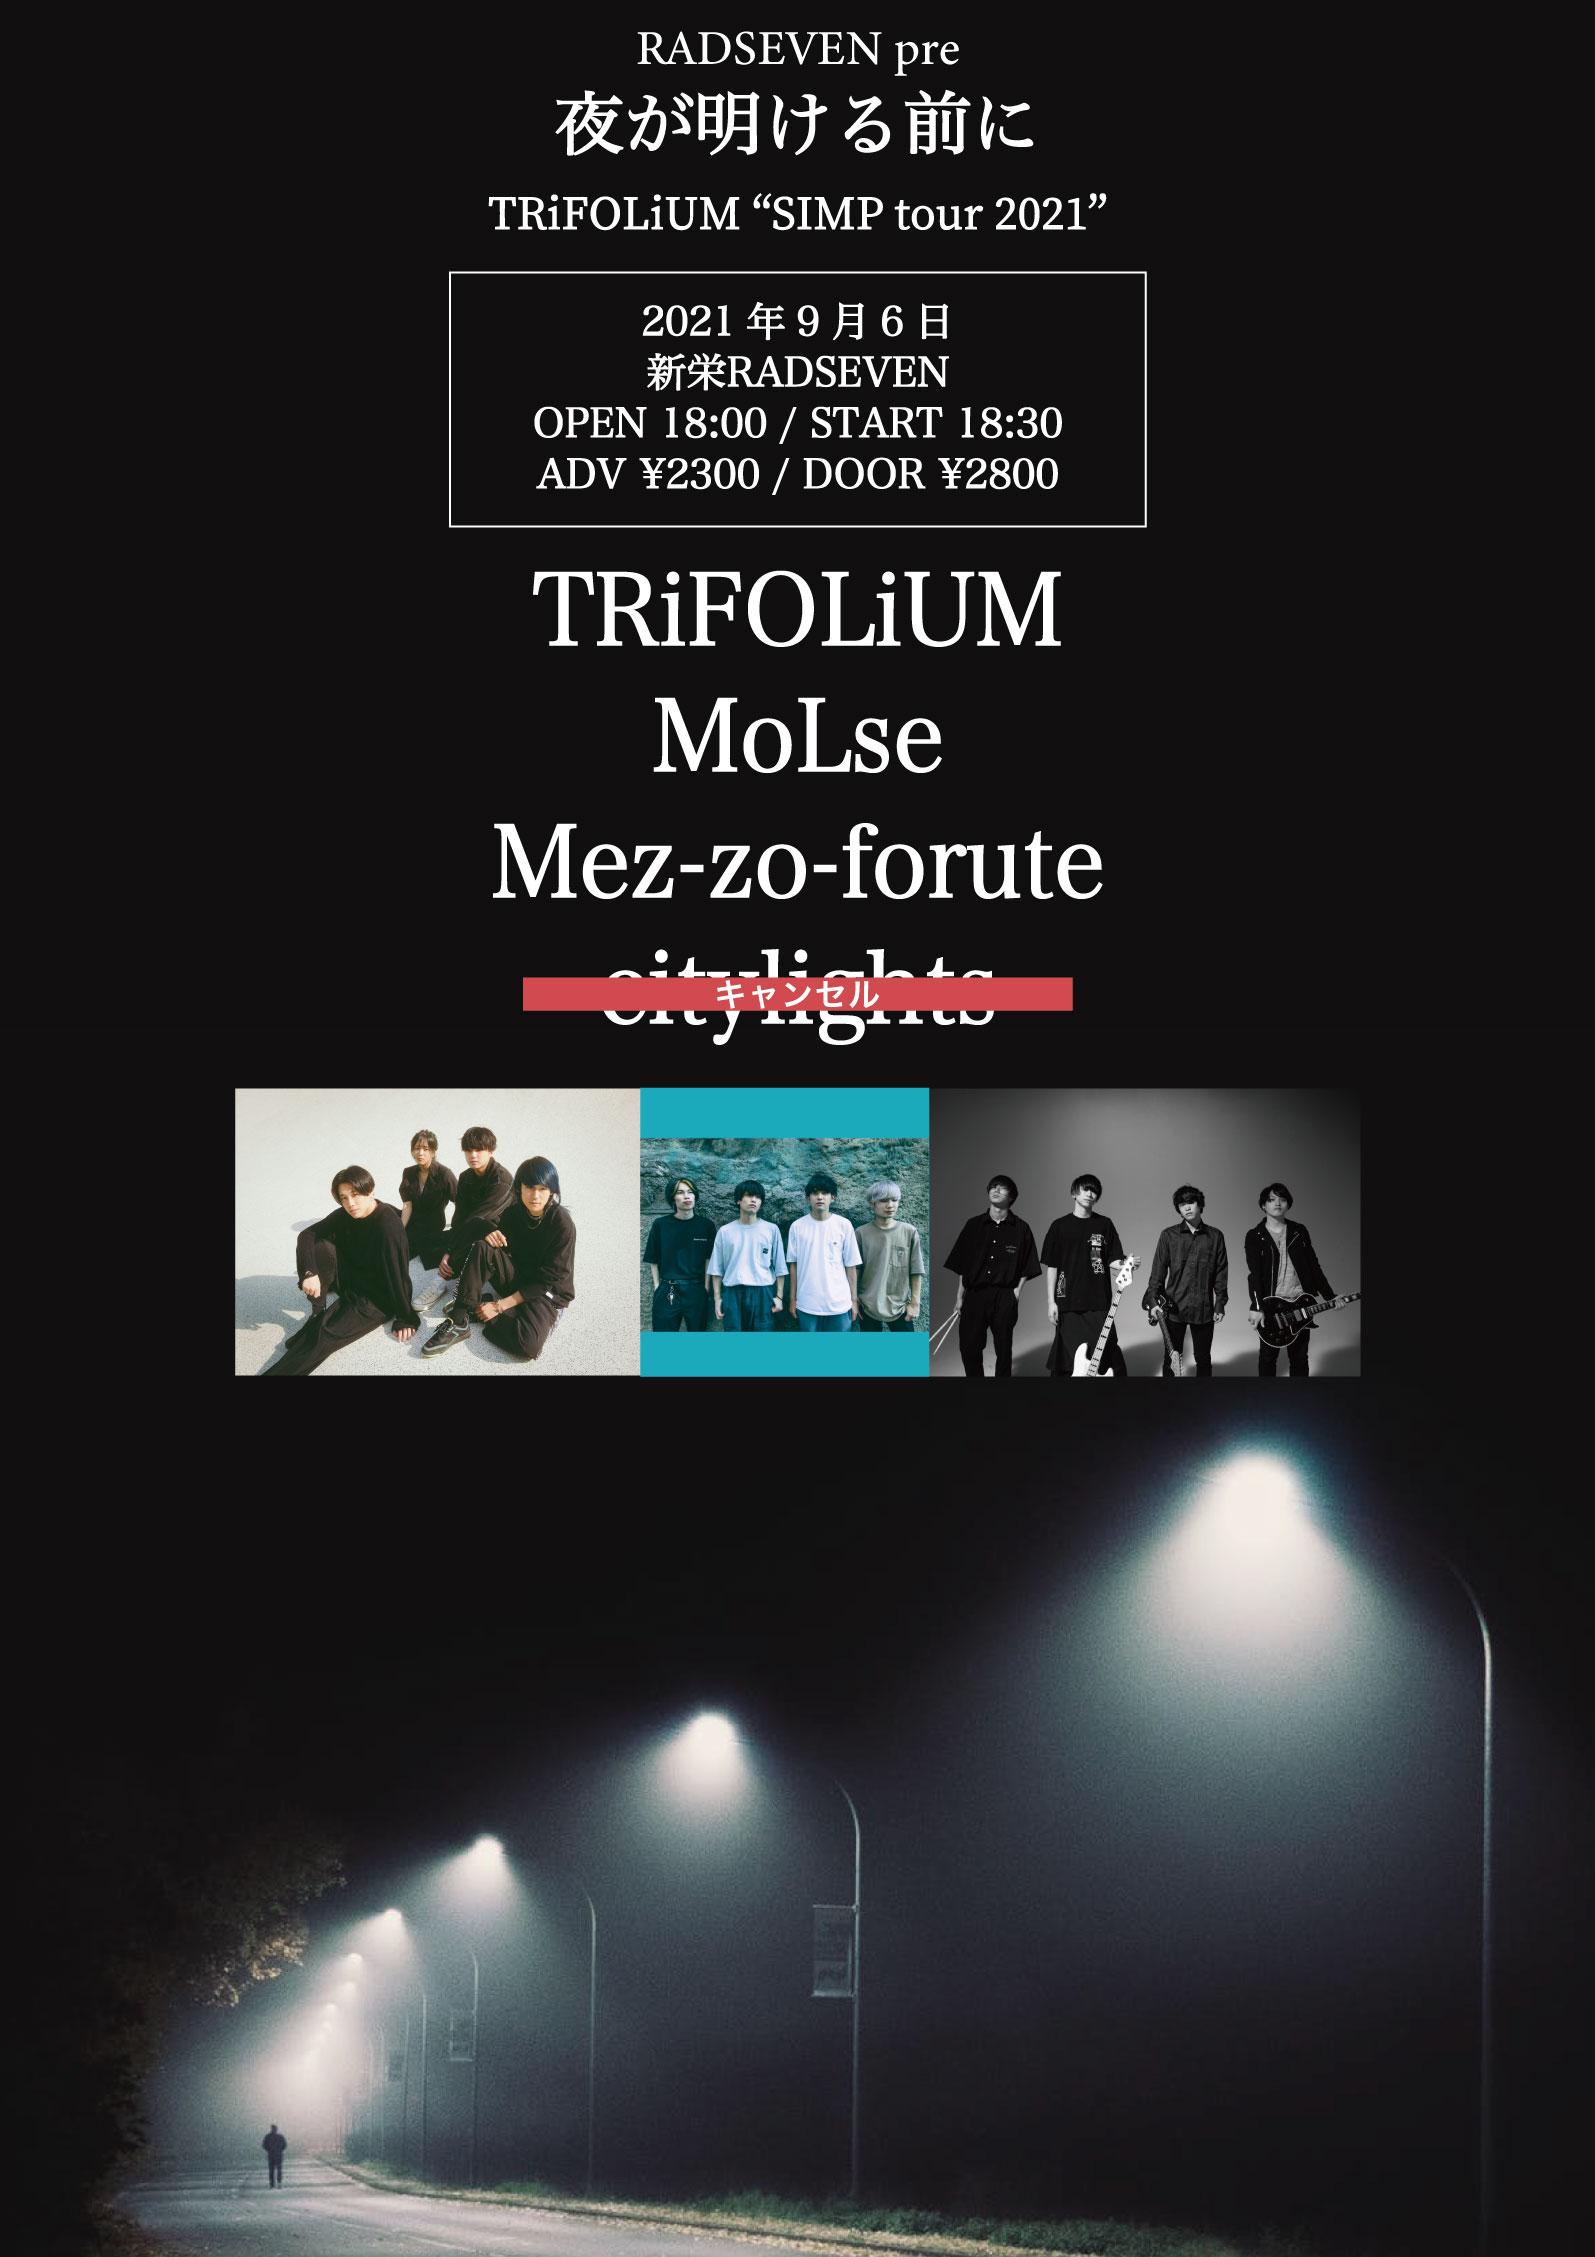 夜が明ける前に / TRiFOLiUM SIMP tour 2021